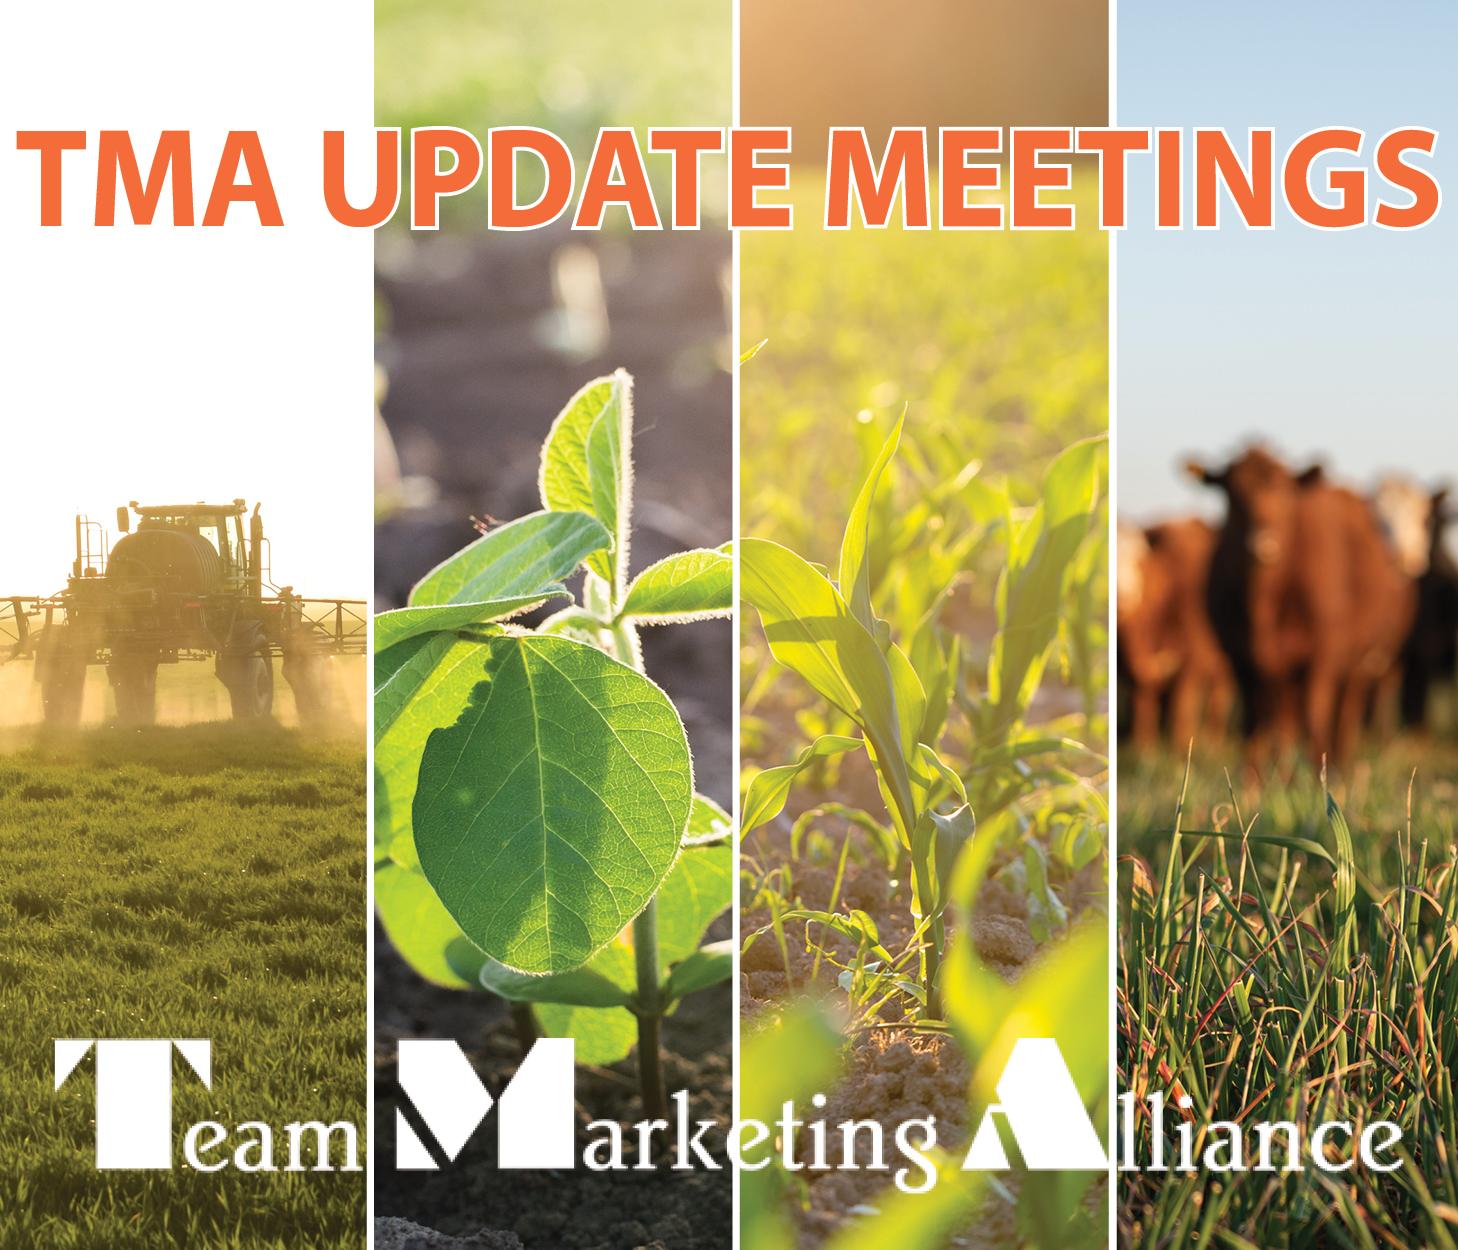 TMA Update Meetings